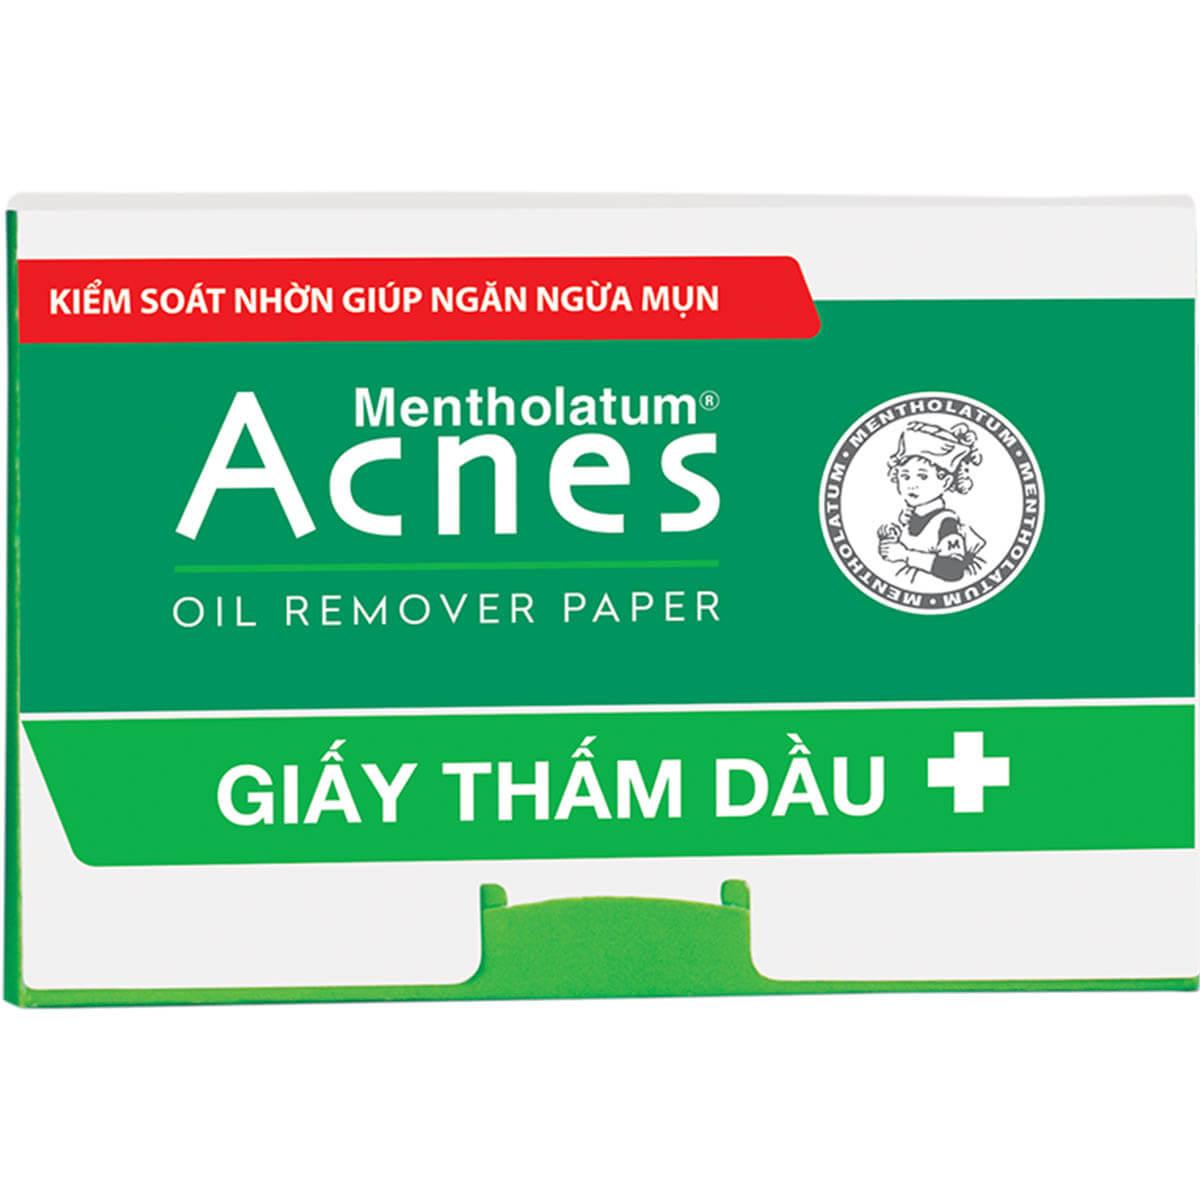 mua giấy thấm dầu acnes ở đâu